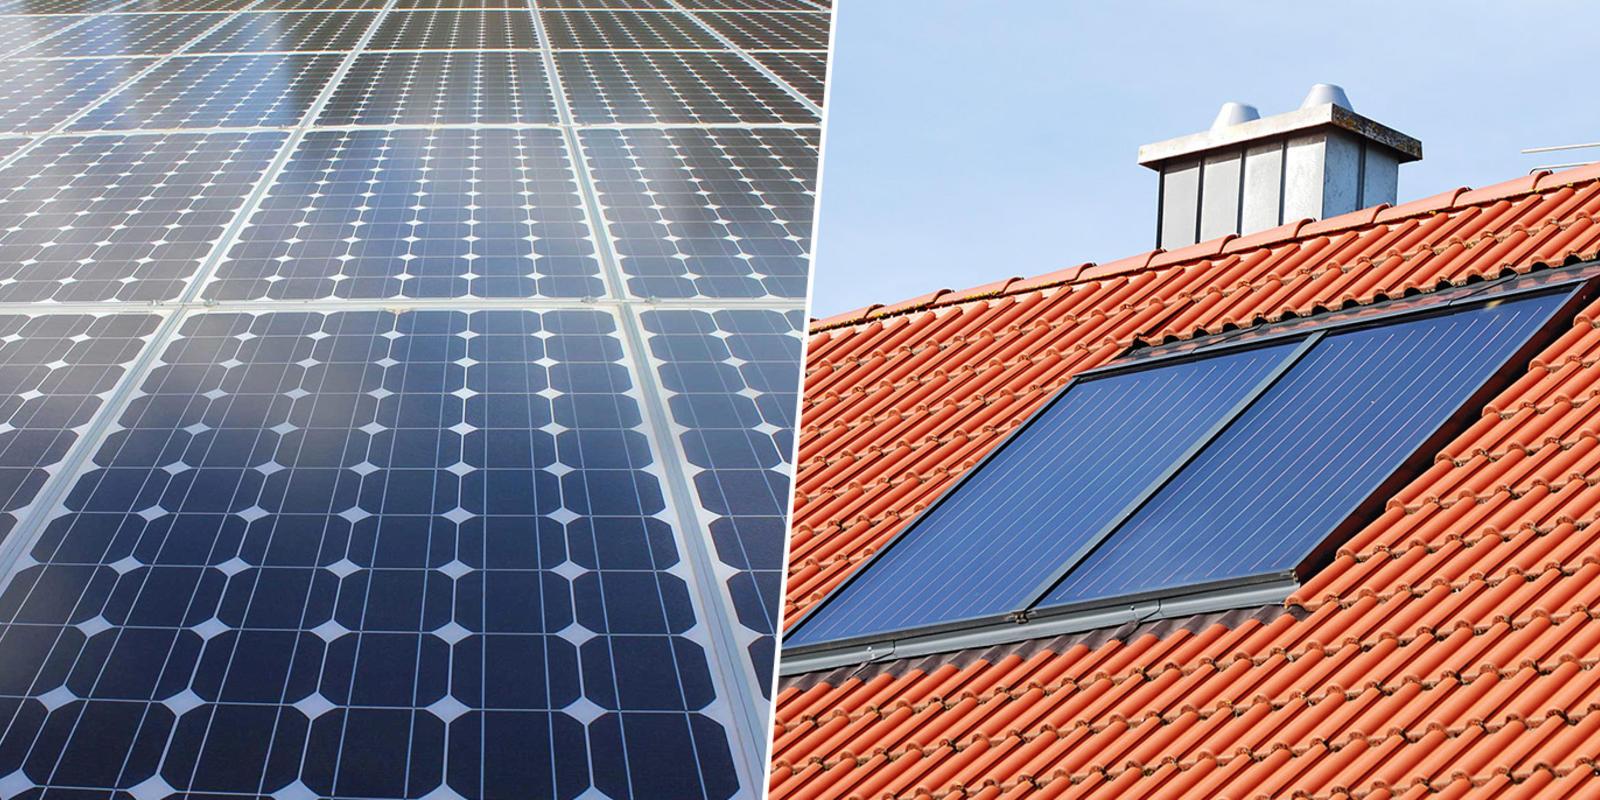 zonnepanelen en zonneboiler